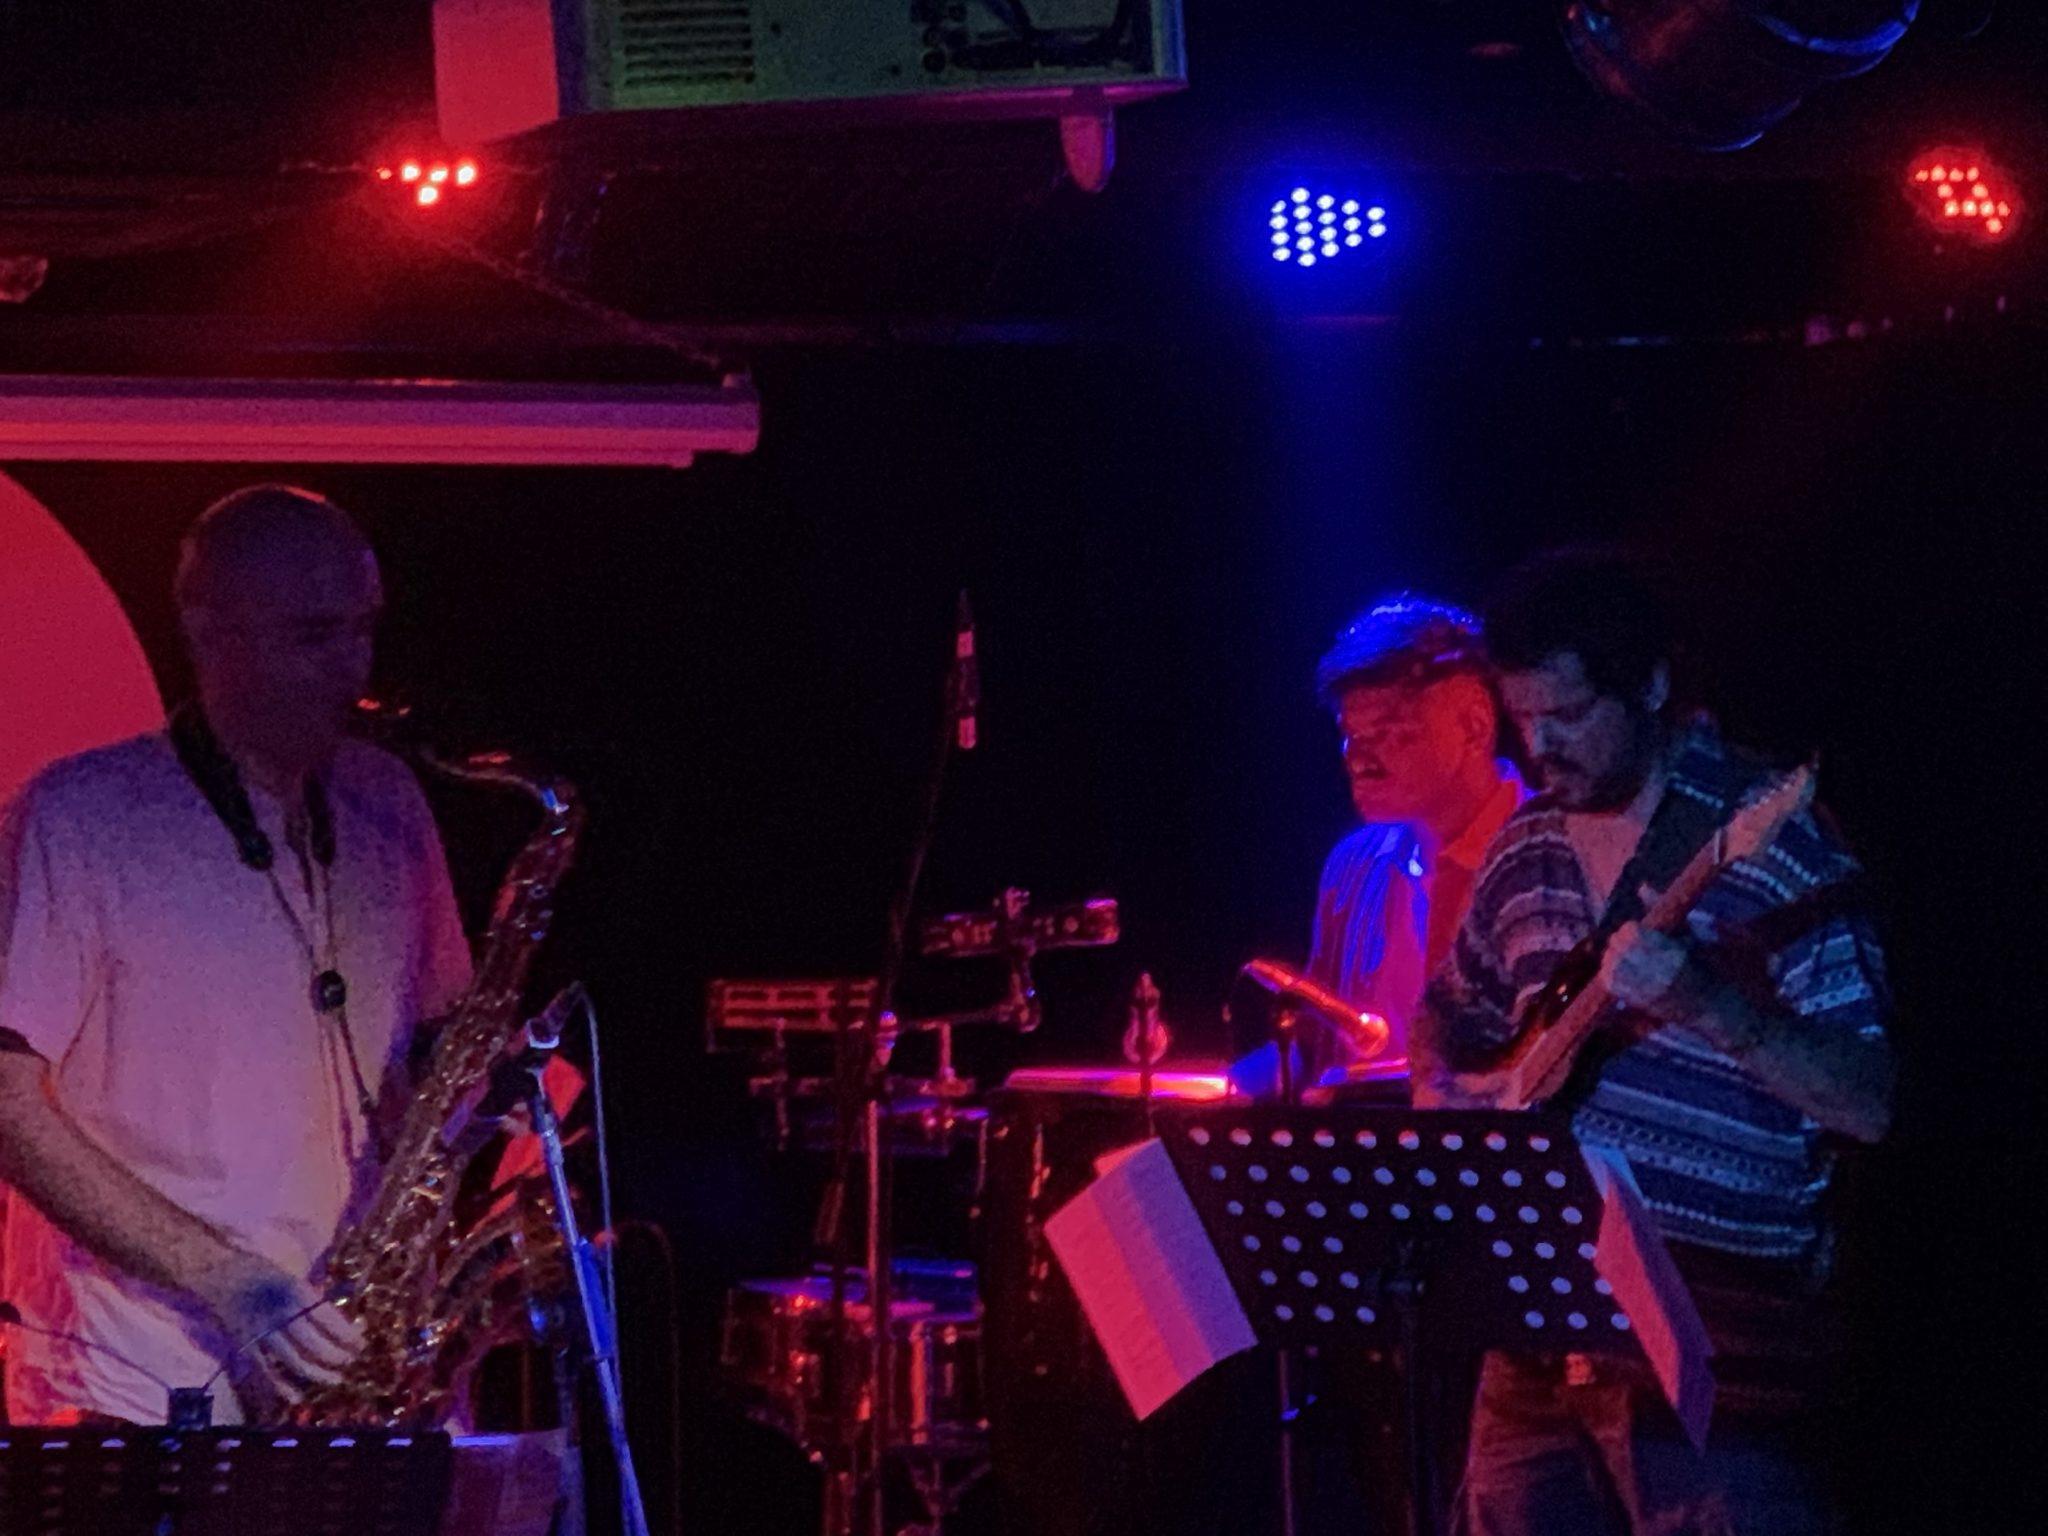 Música | Mars Lee Trio, Hot Dog Express e Lobo Ip sábado no LMA